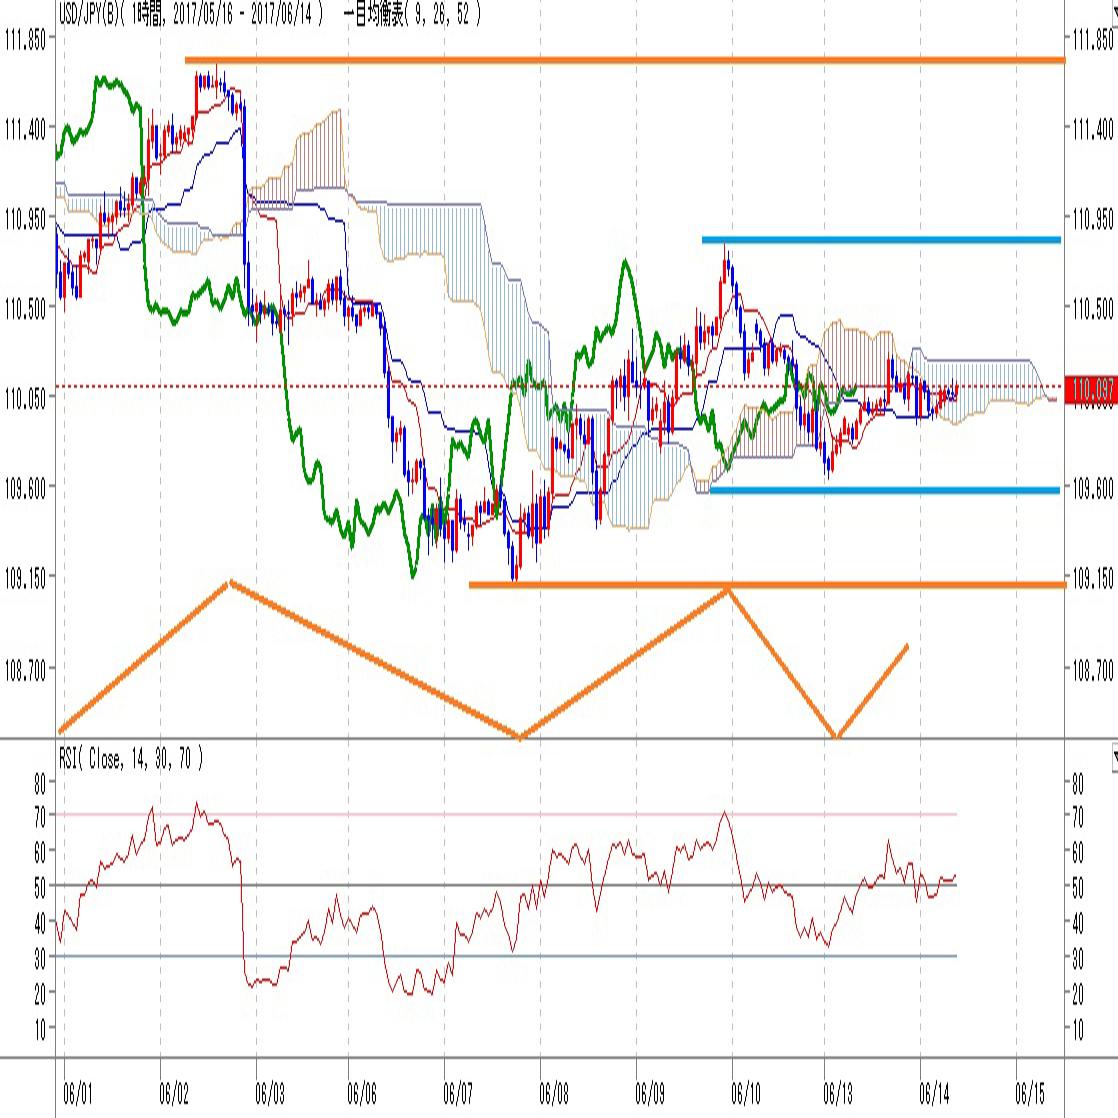 ドル円見通しFOMC次第では108円台突入か(6/14)